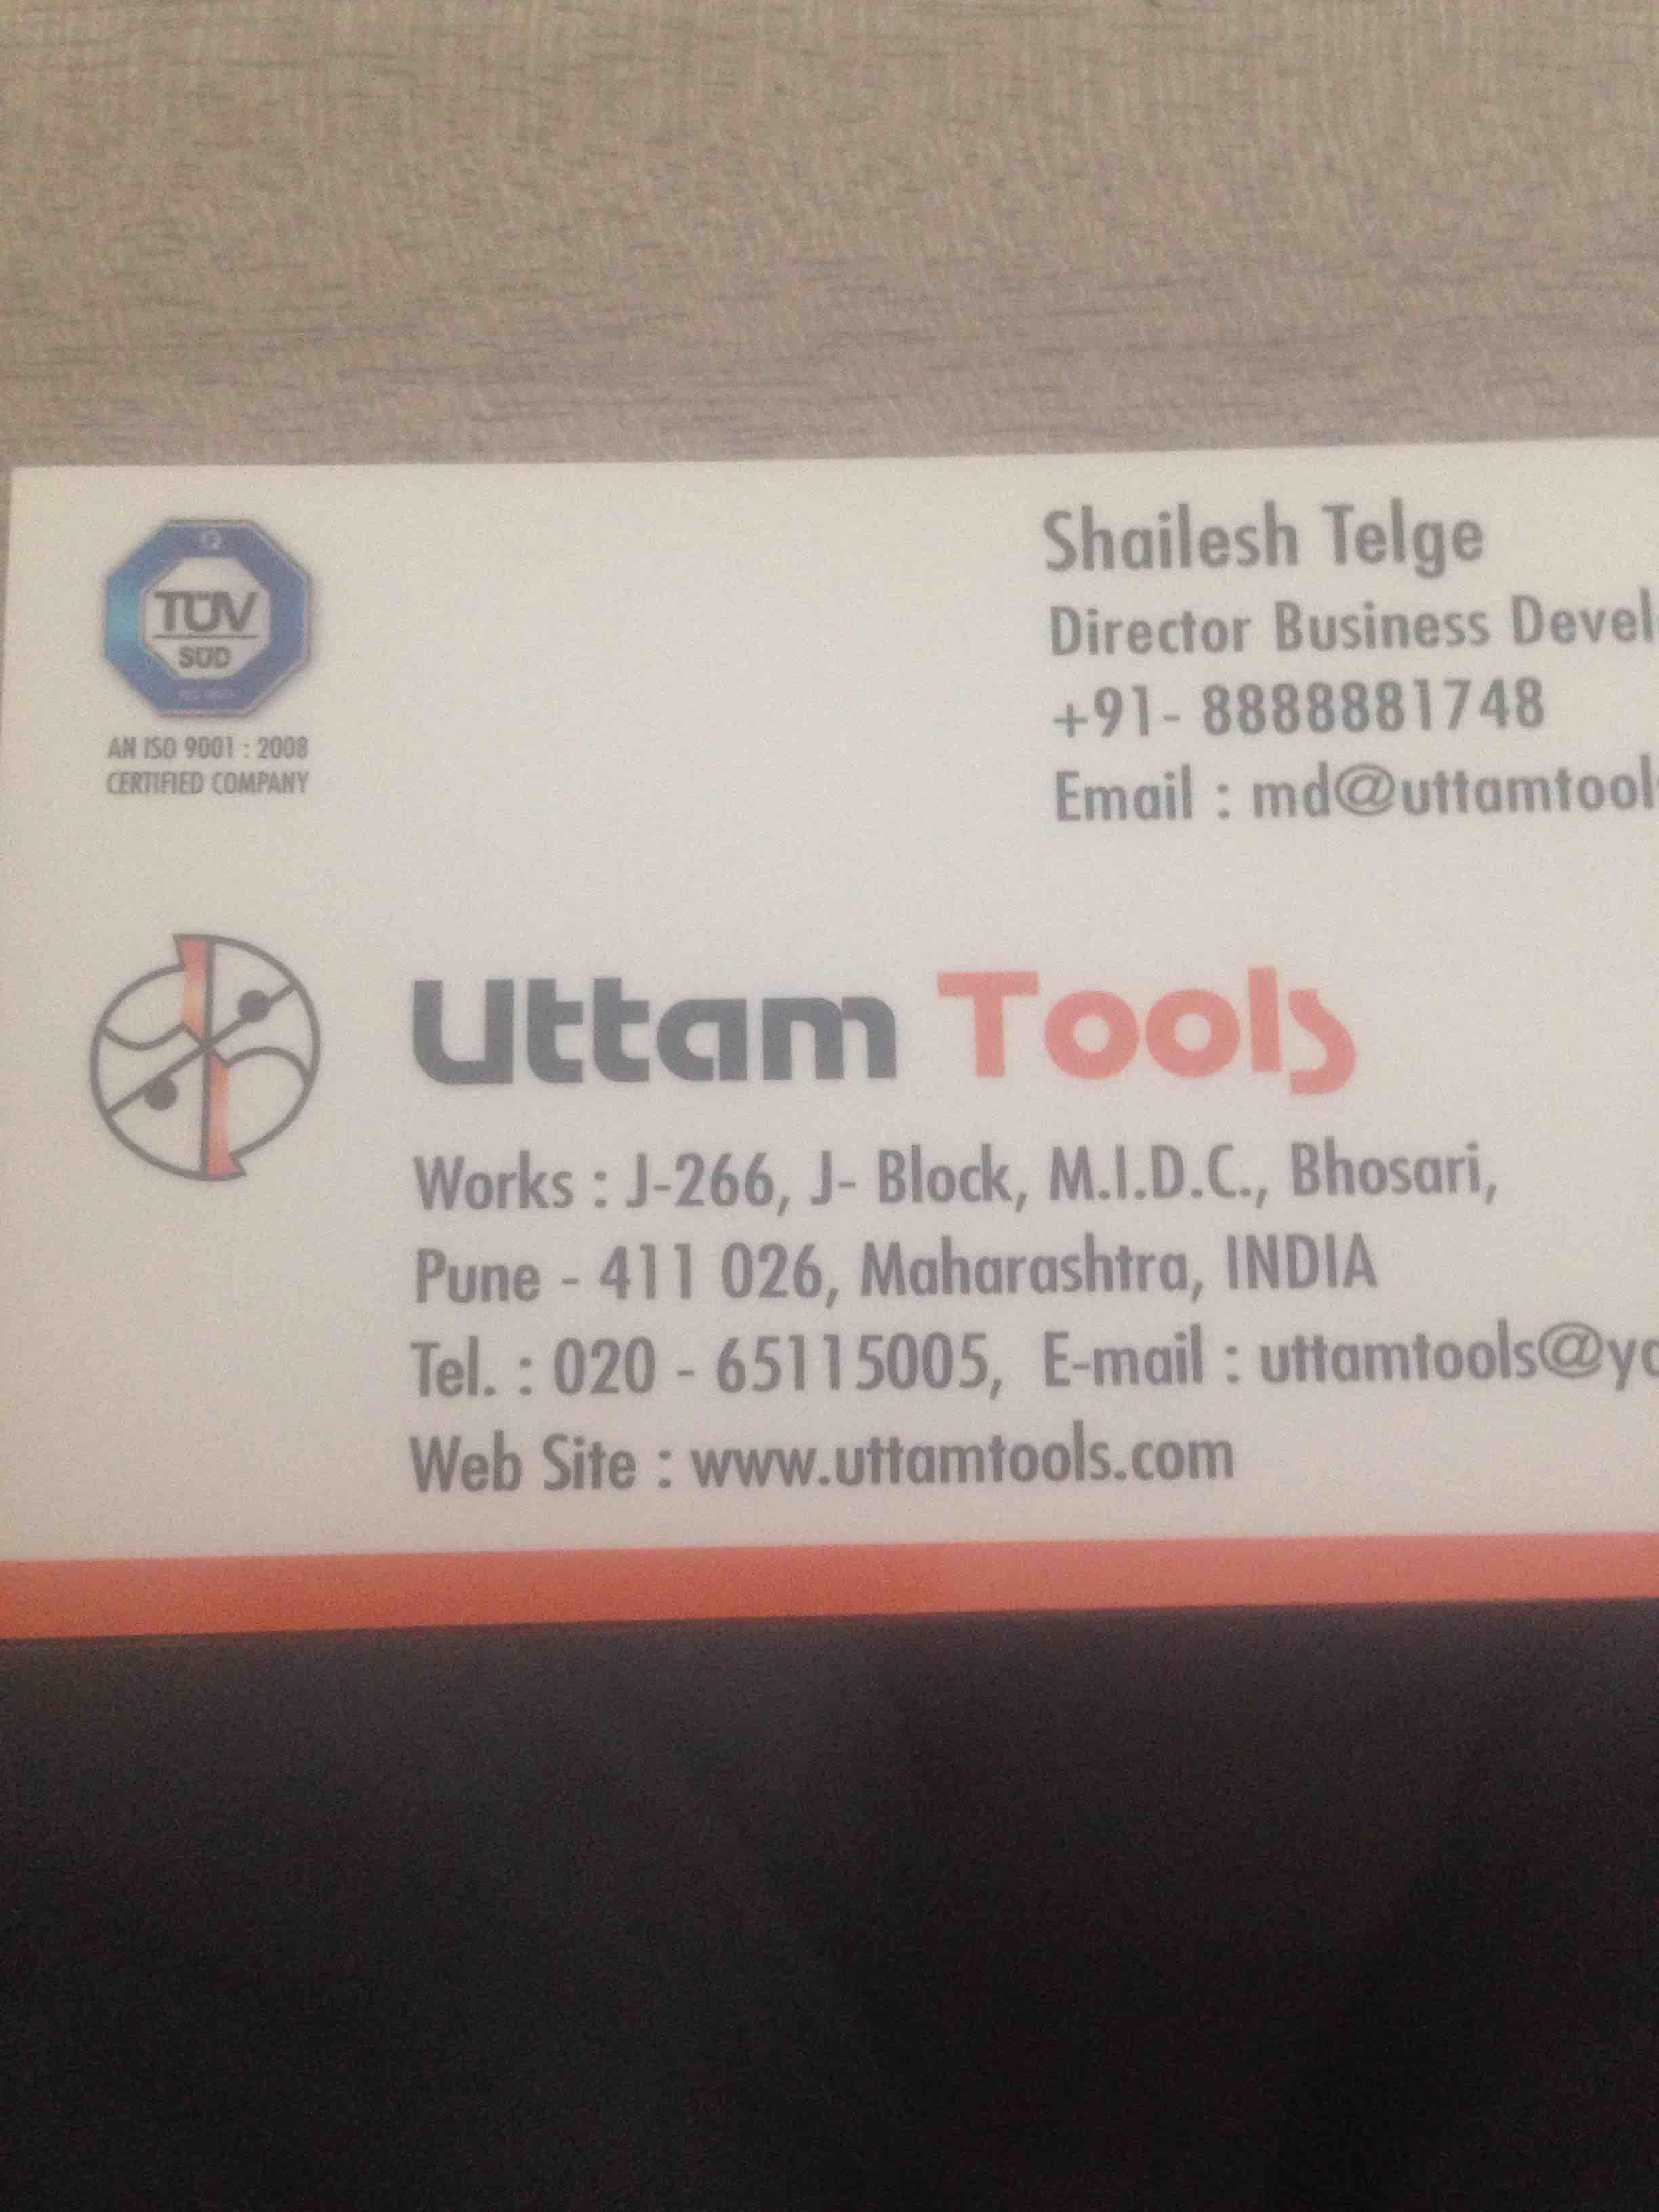 Uttam Tools